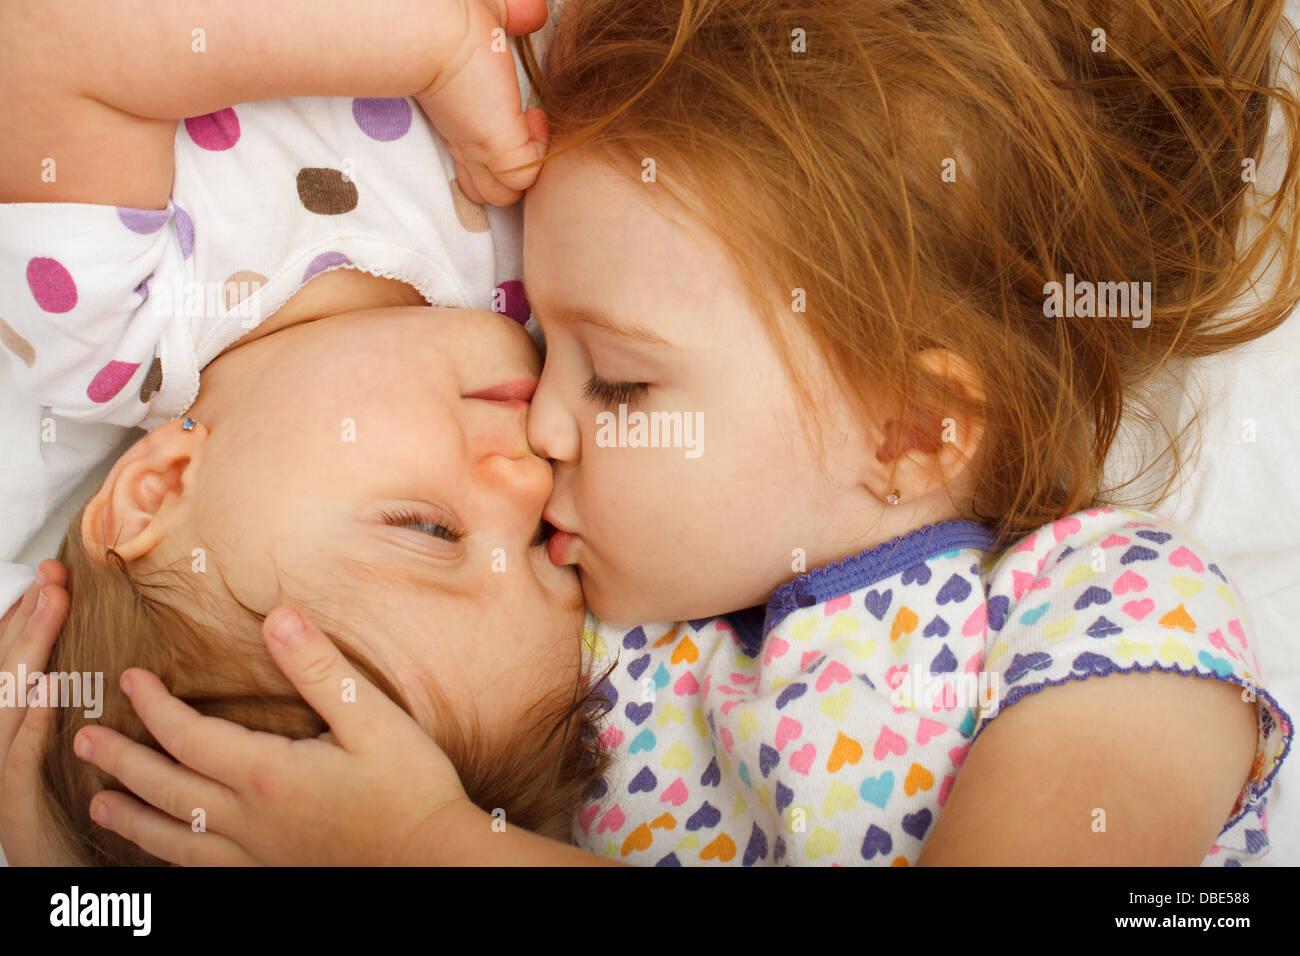 Vecchia sorella kissing baby a letto Immagini Stock